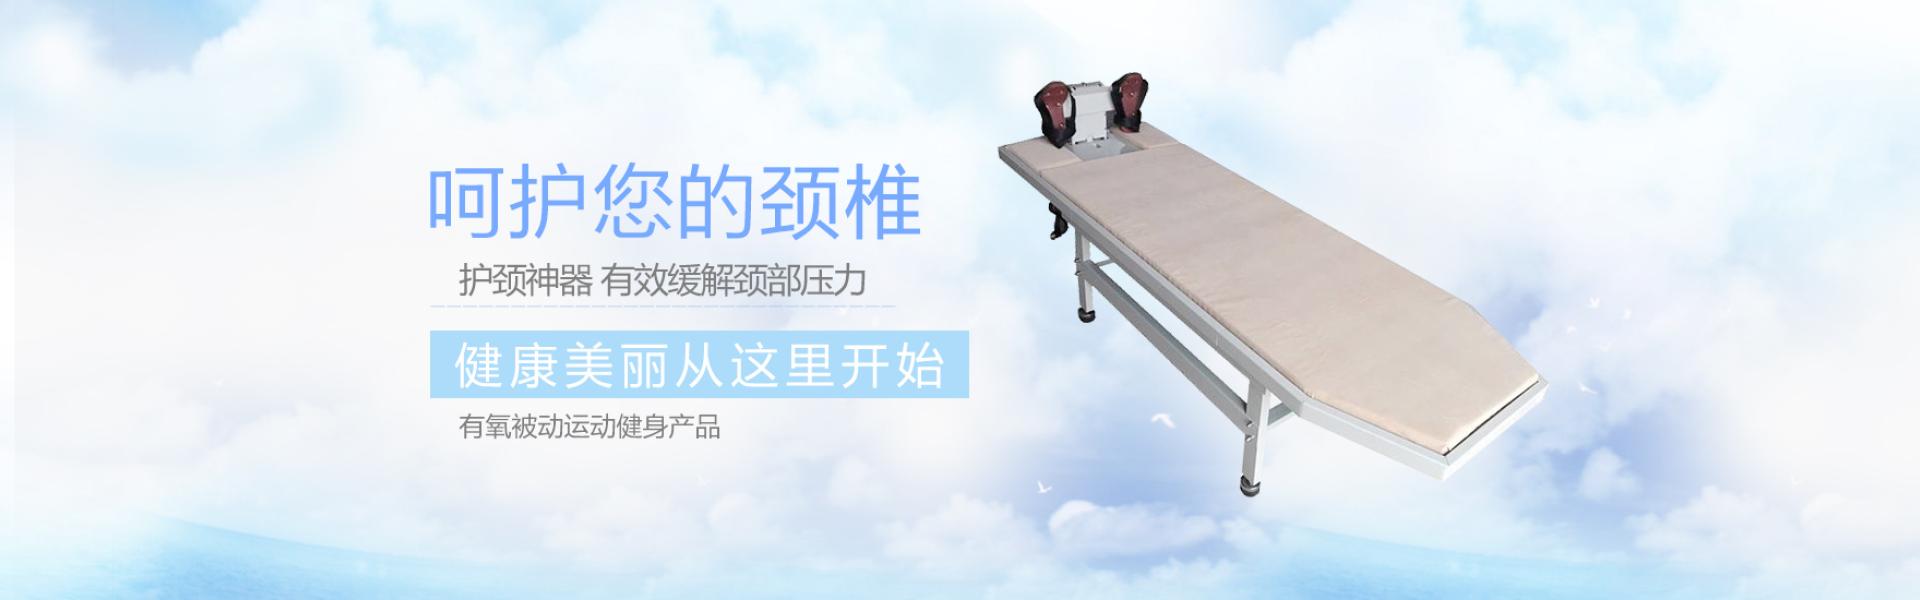 波克棋牌免费下载梳理床 颤床 颤足抖脊床 波克棋牌免费下载梳理床价格 波克棋牌免费下载梳理床厂家